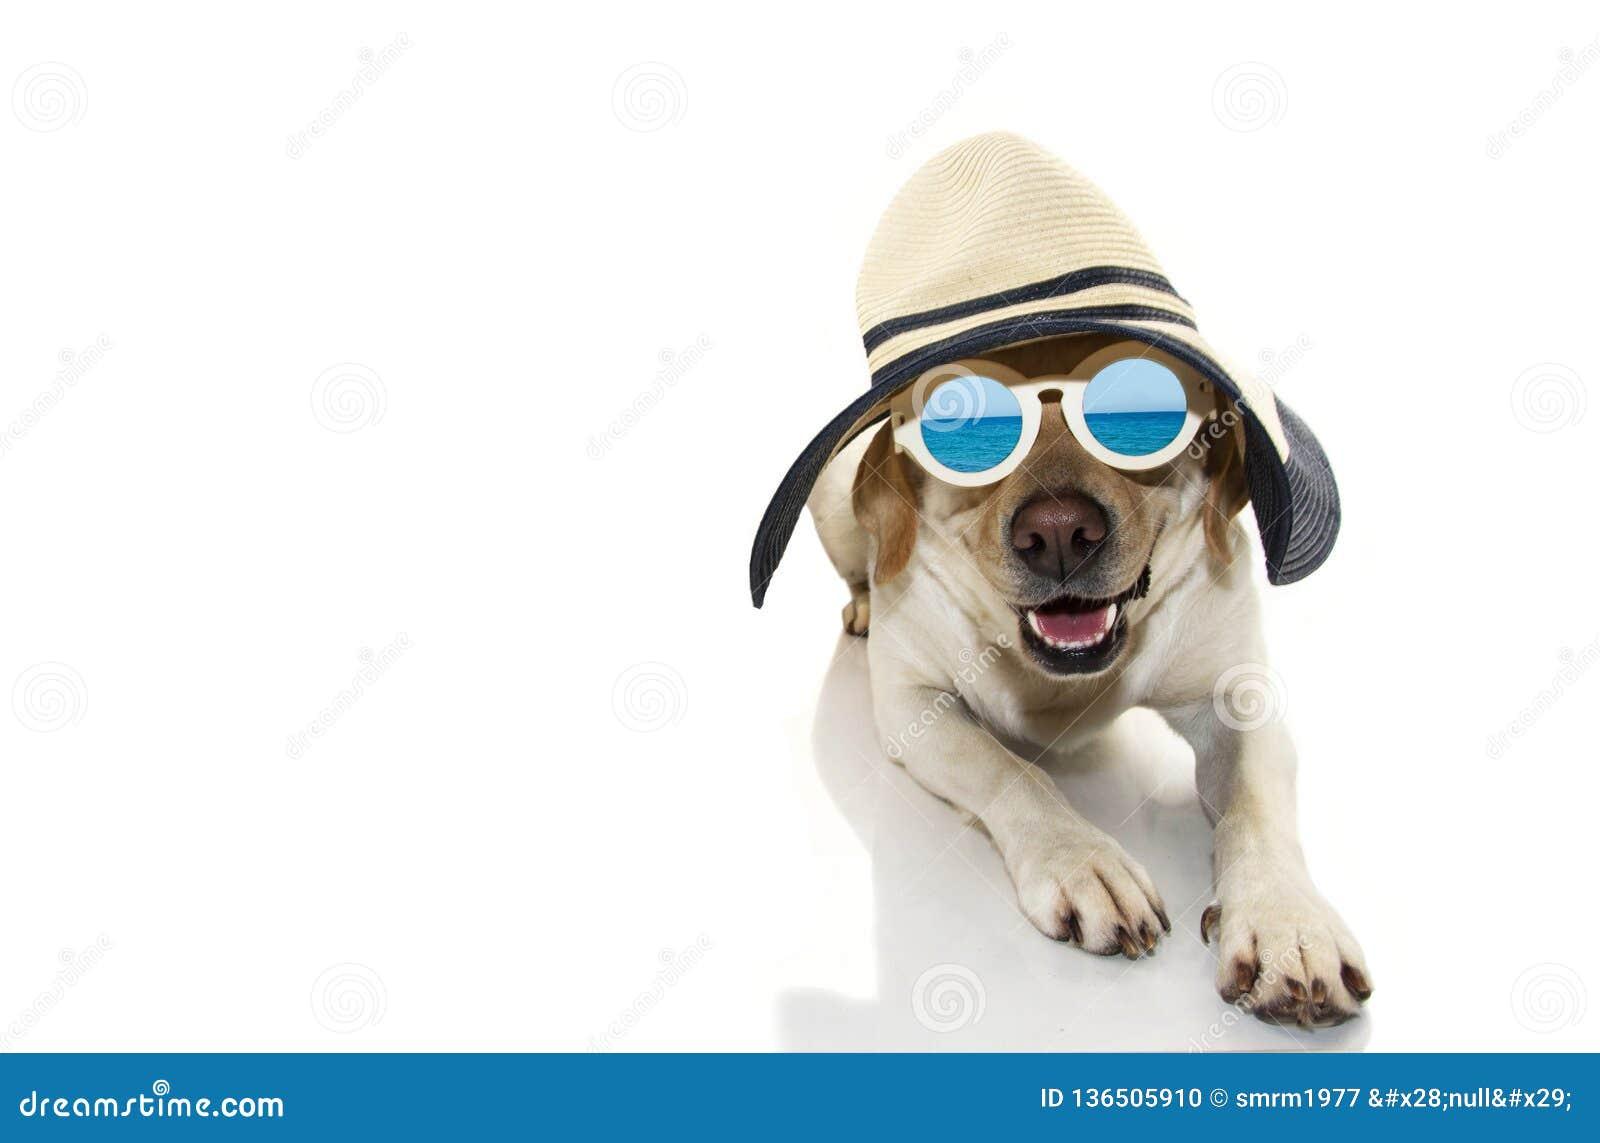 caadf7d69 Verão do cão O CACHORRINHO DE LABRADOR VESTIDO COM ÓCULOS DE SOL E CHAPÉU  DE PAMELA, APRONTA-SE PARA A PRAIA TIRO ISOLADO CONTRA O FUNDO BRANCO